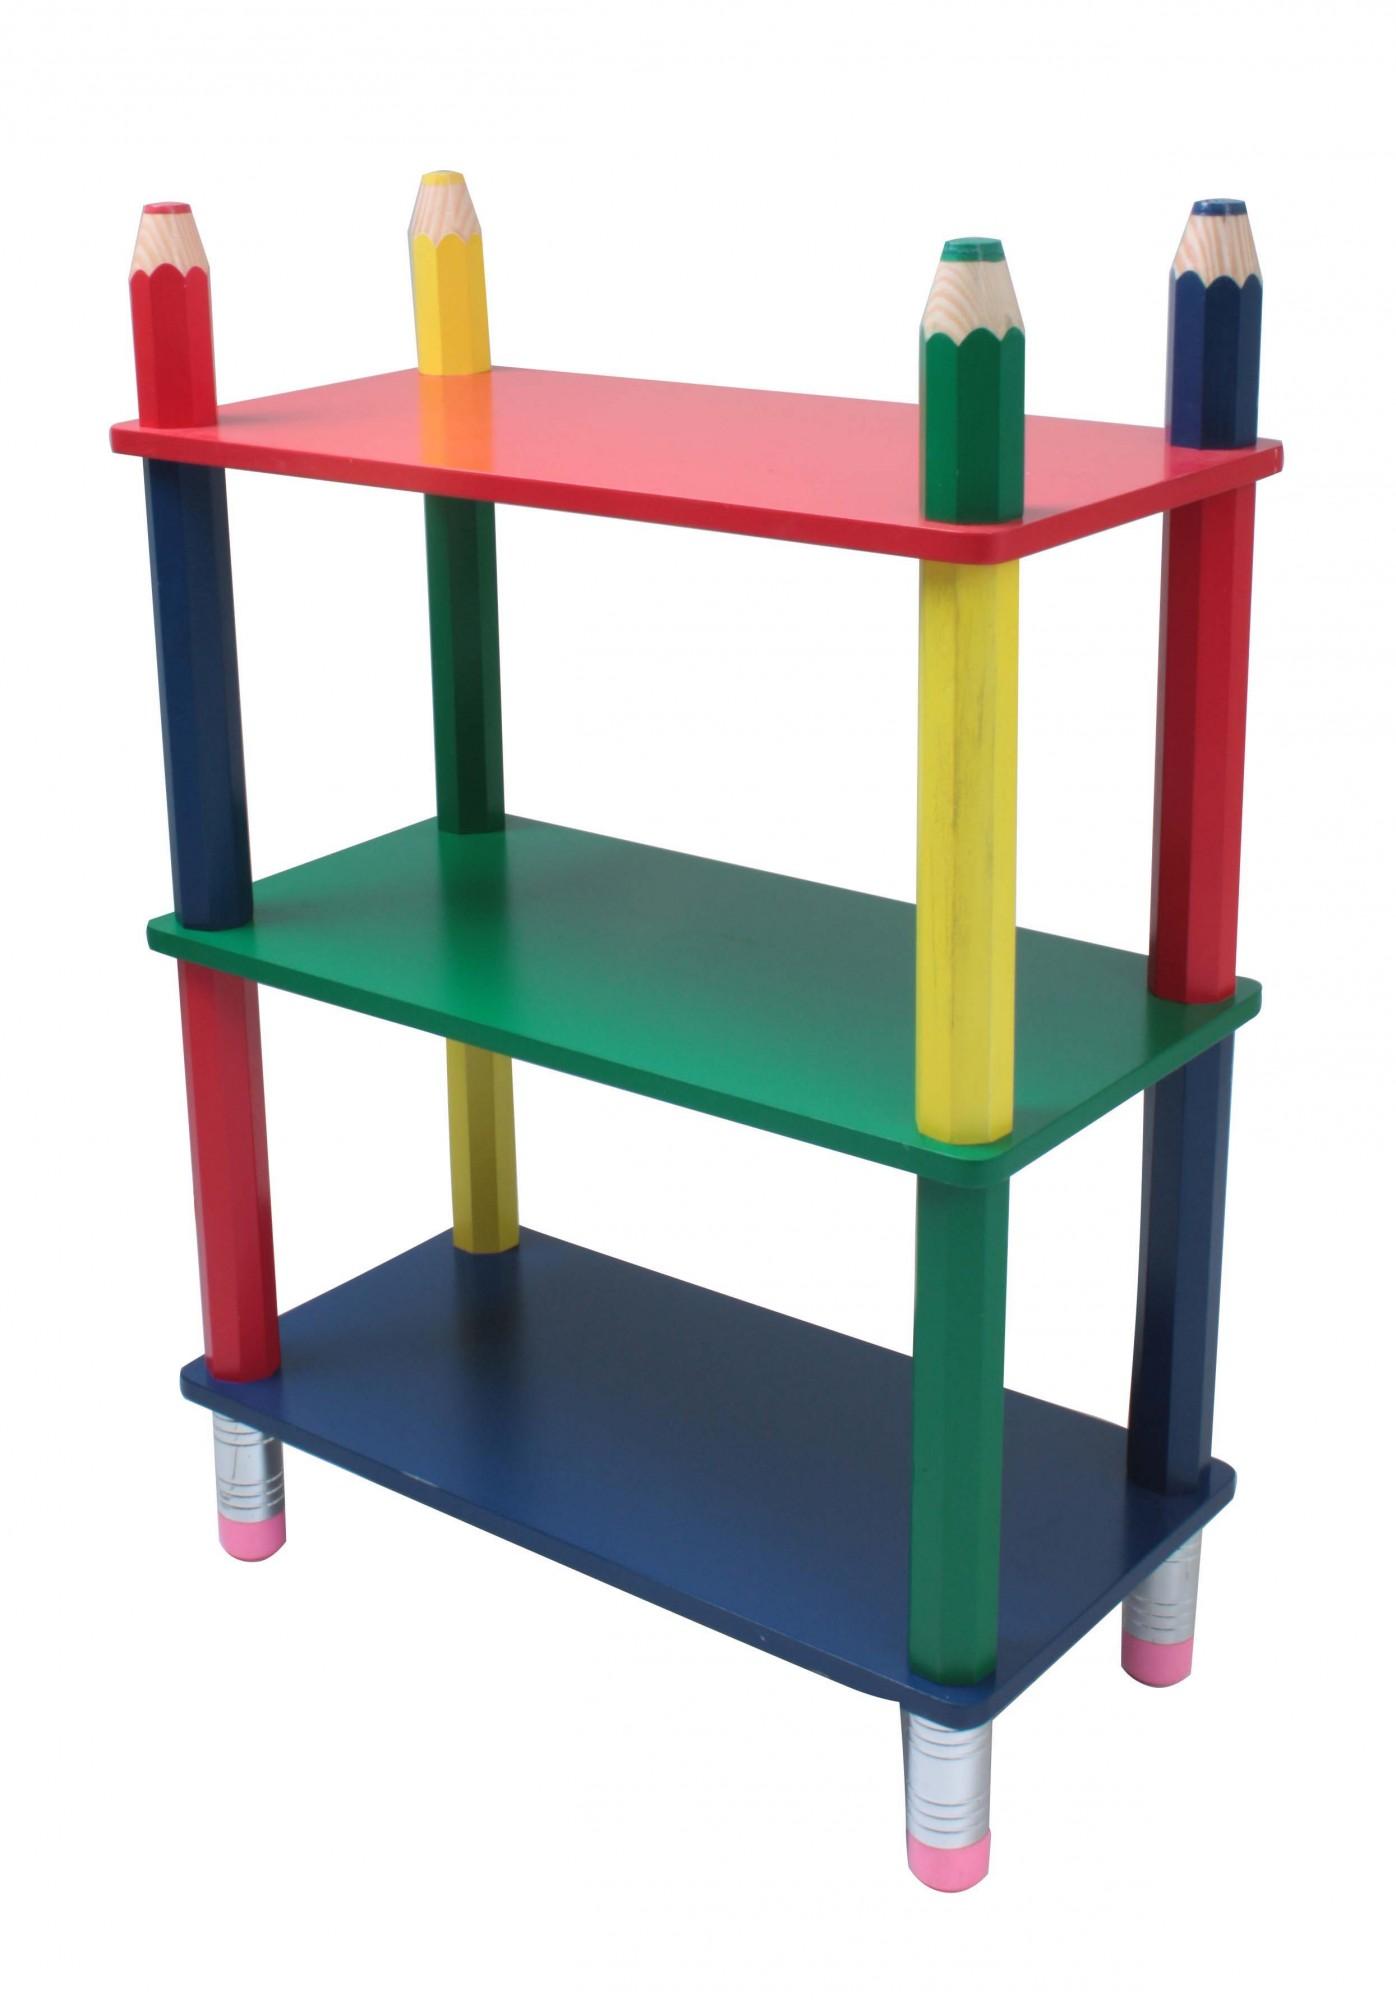 kinderregal kinderm bel kinder regal sideboard kinderzimmer spielzeug holz ebay. Black Bedroom Furniture Sets. Home Design Ideas